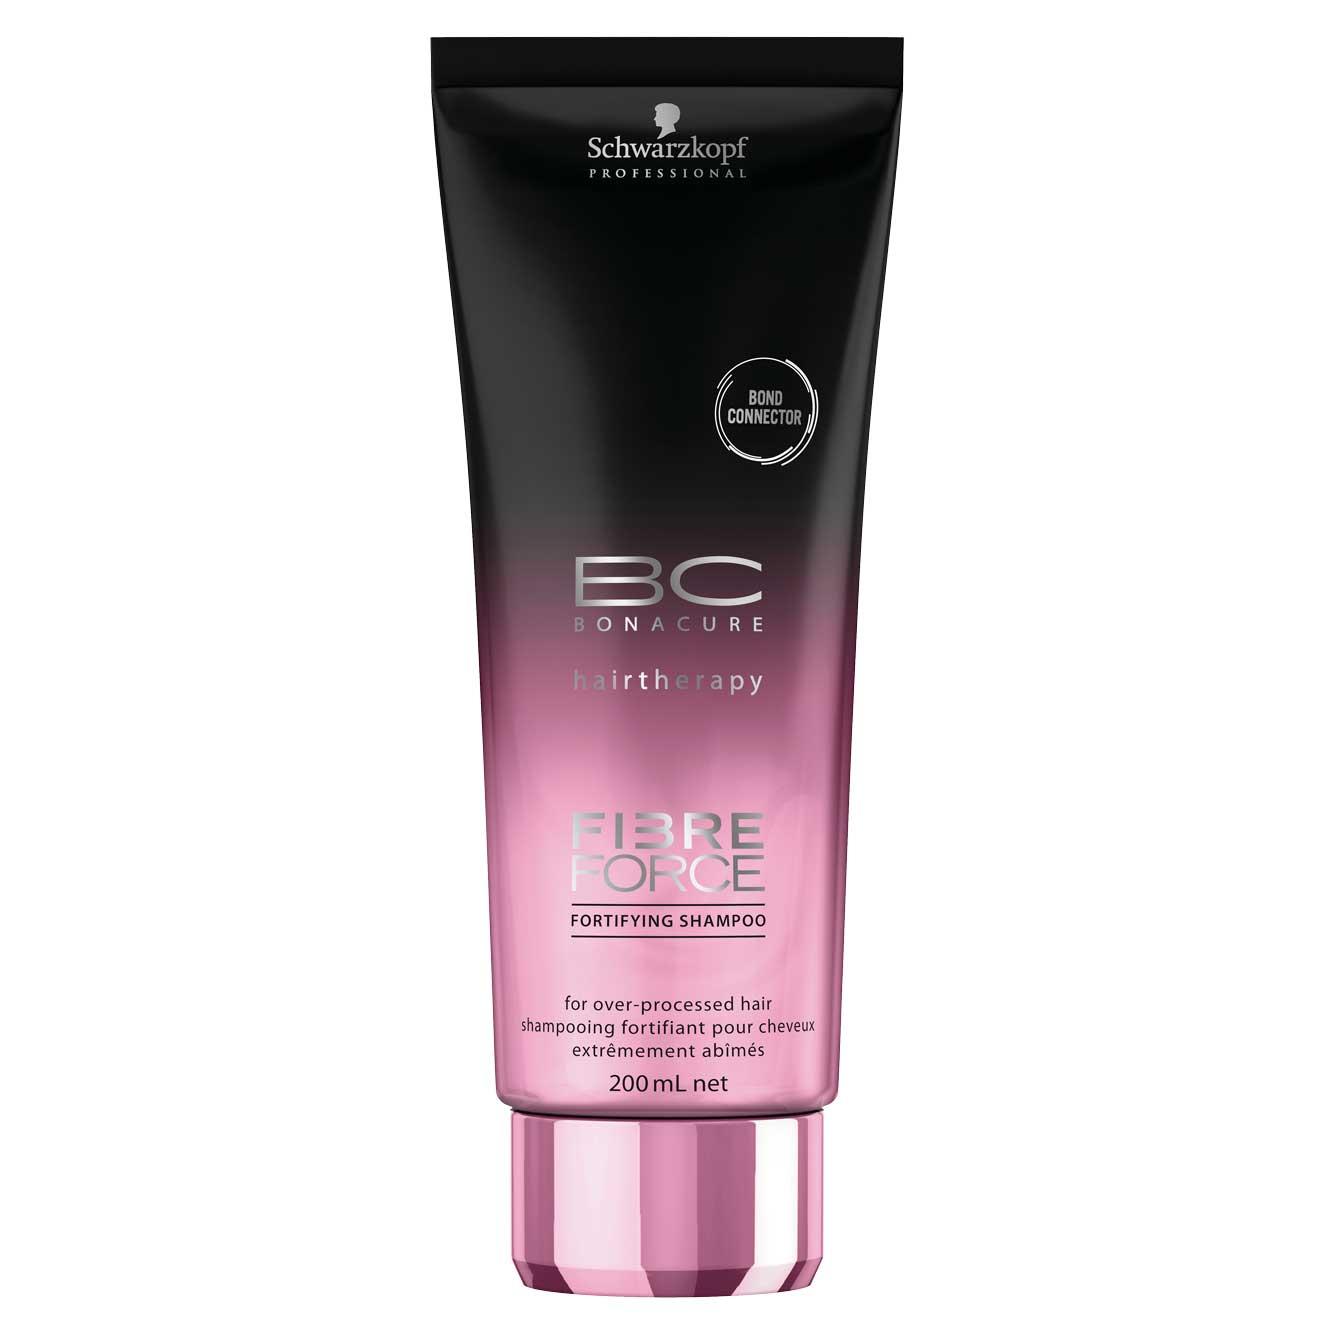 Schwarzkopf Professional BC Bonacure Fibre Force Shampoo Fortificante para Cabelos Danificados 200ml